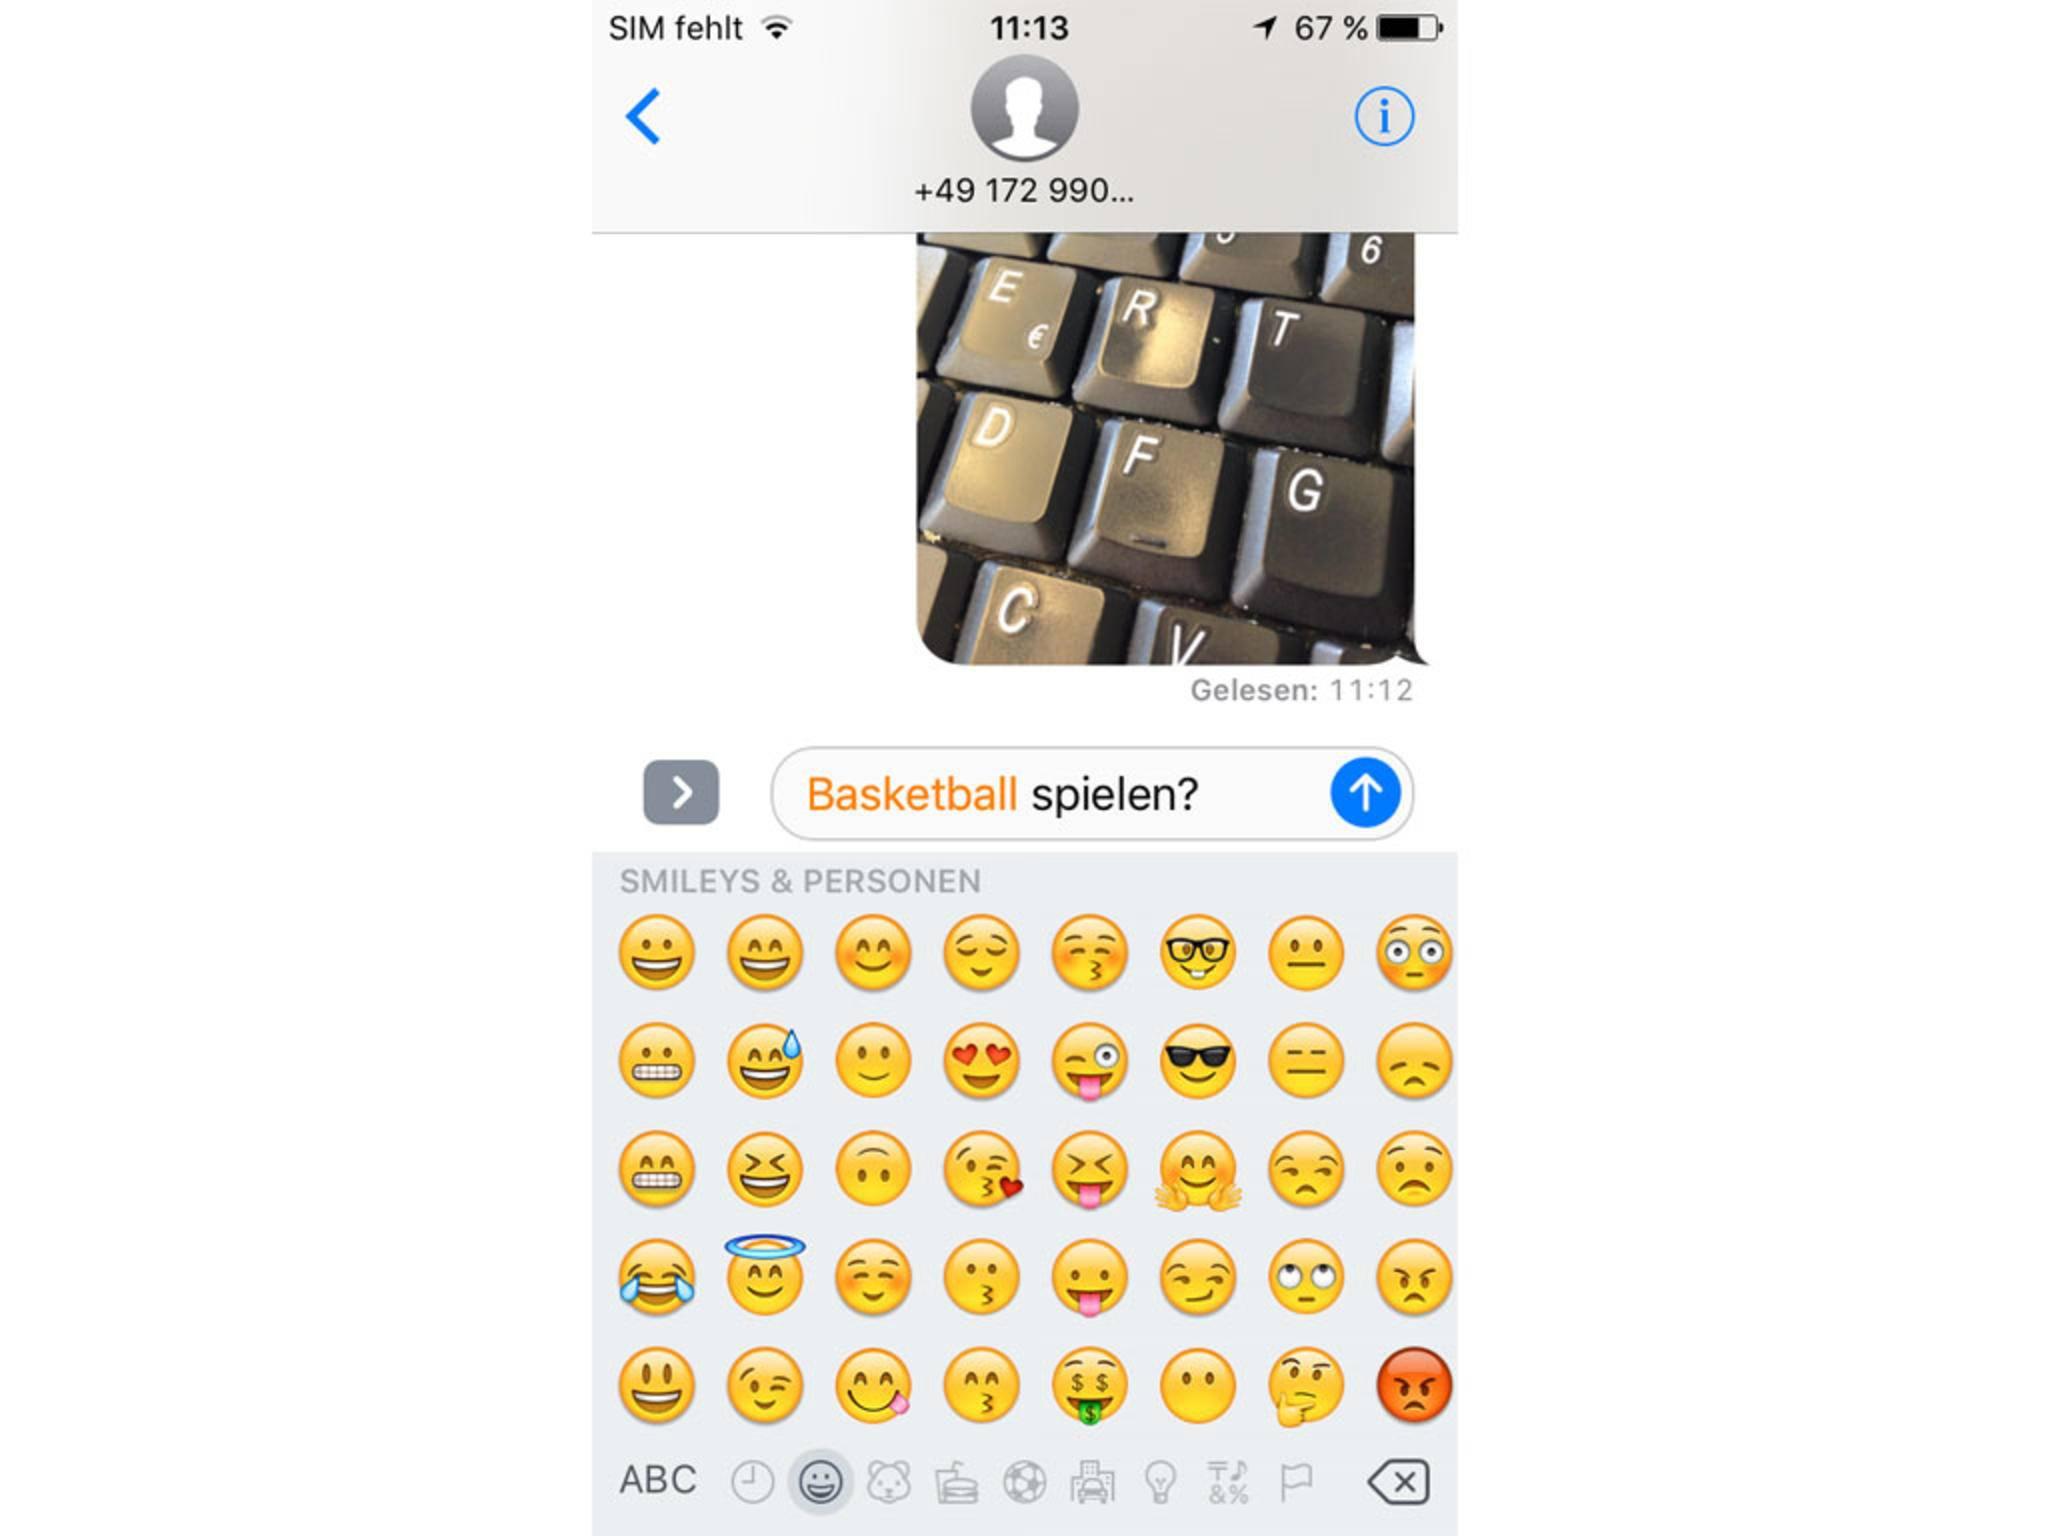 Vorschläge für Wörter, die sich durch einen Emoji ersetzen lassen.